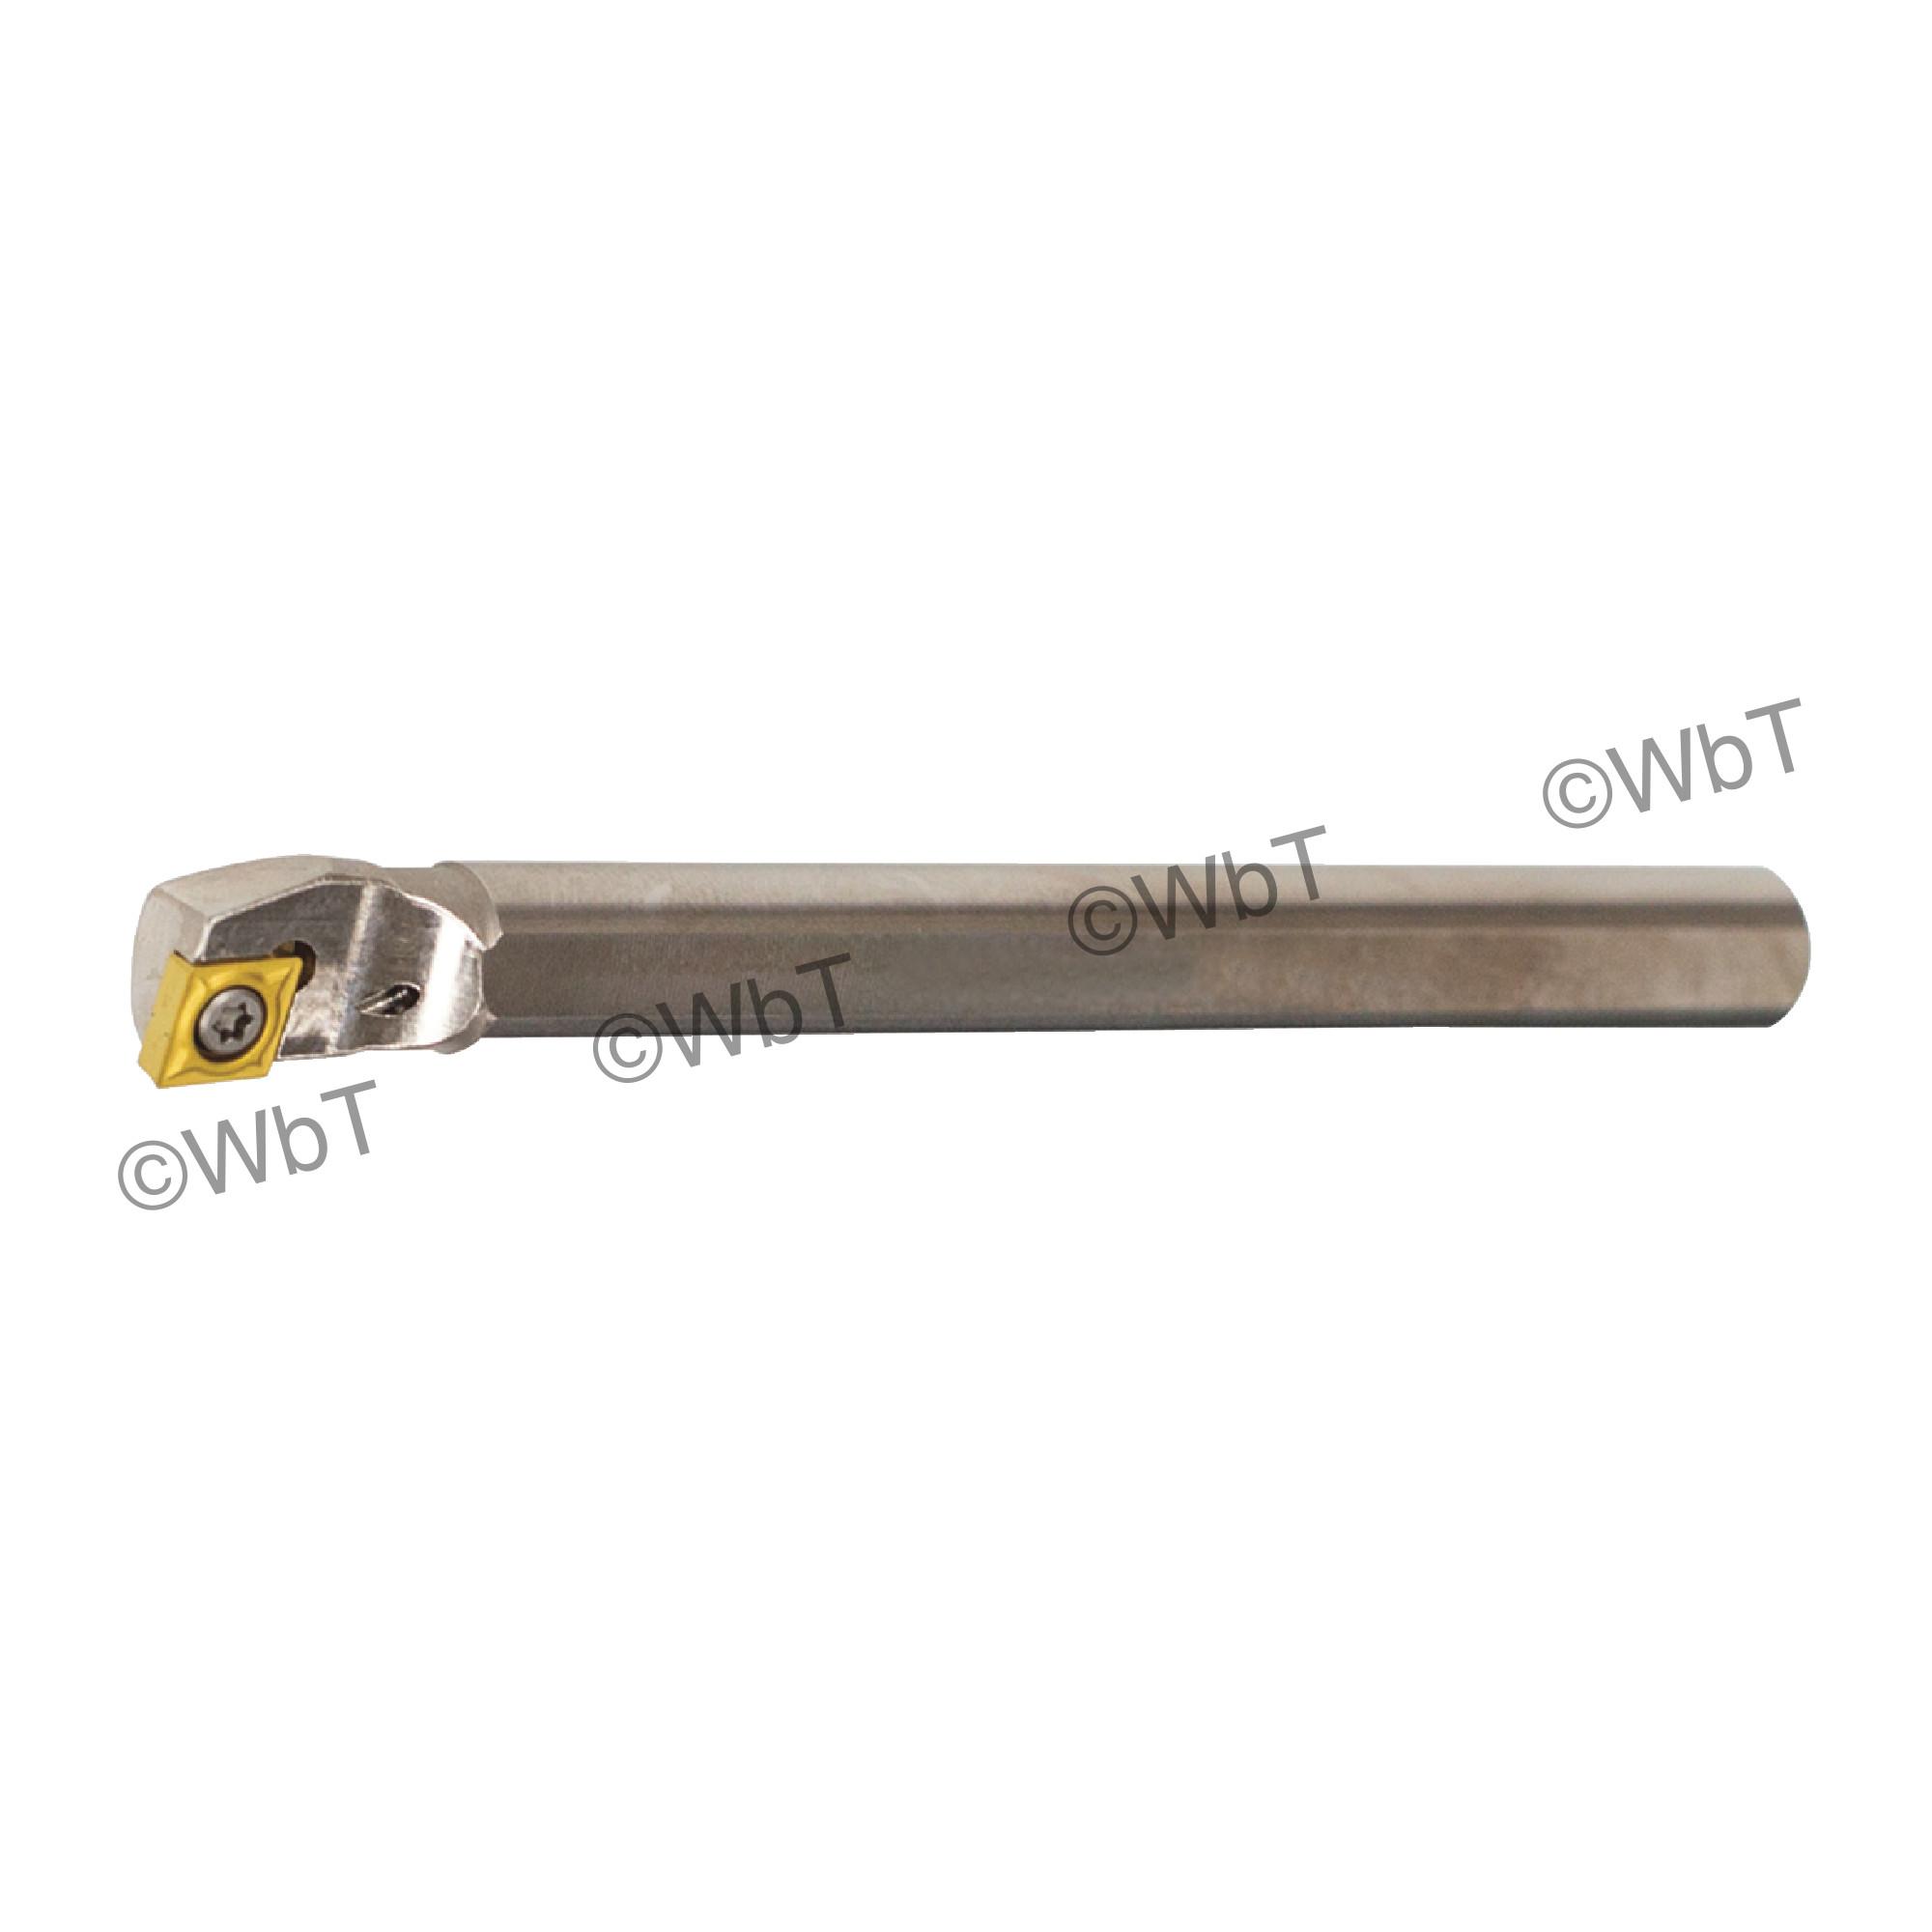 """AKUMA - A06H-SCLCR-2 / Steel Boring Bar / 3/8"""" Shank / CCMT2(1.5)_ / Cooalnt Thru / Right Hand"""